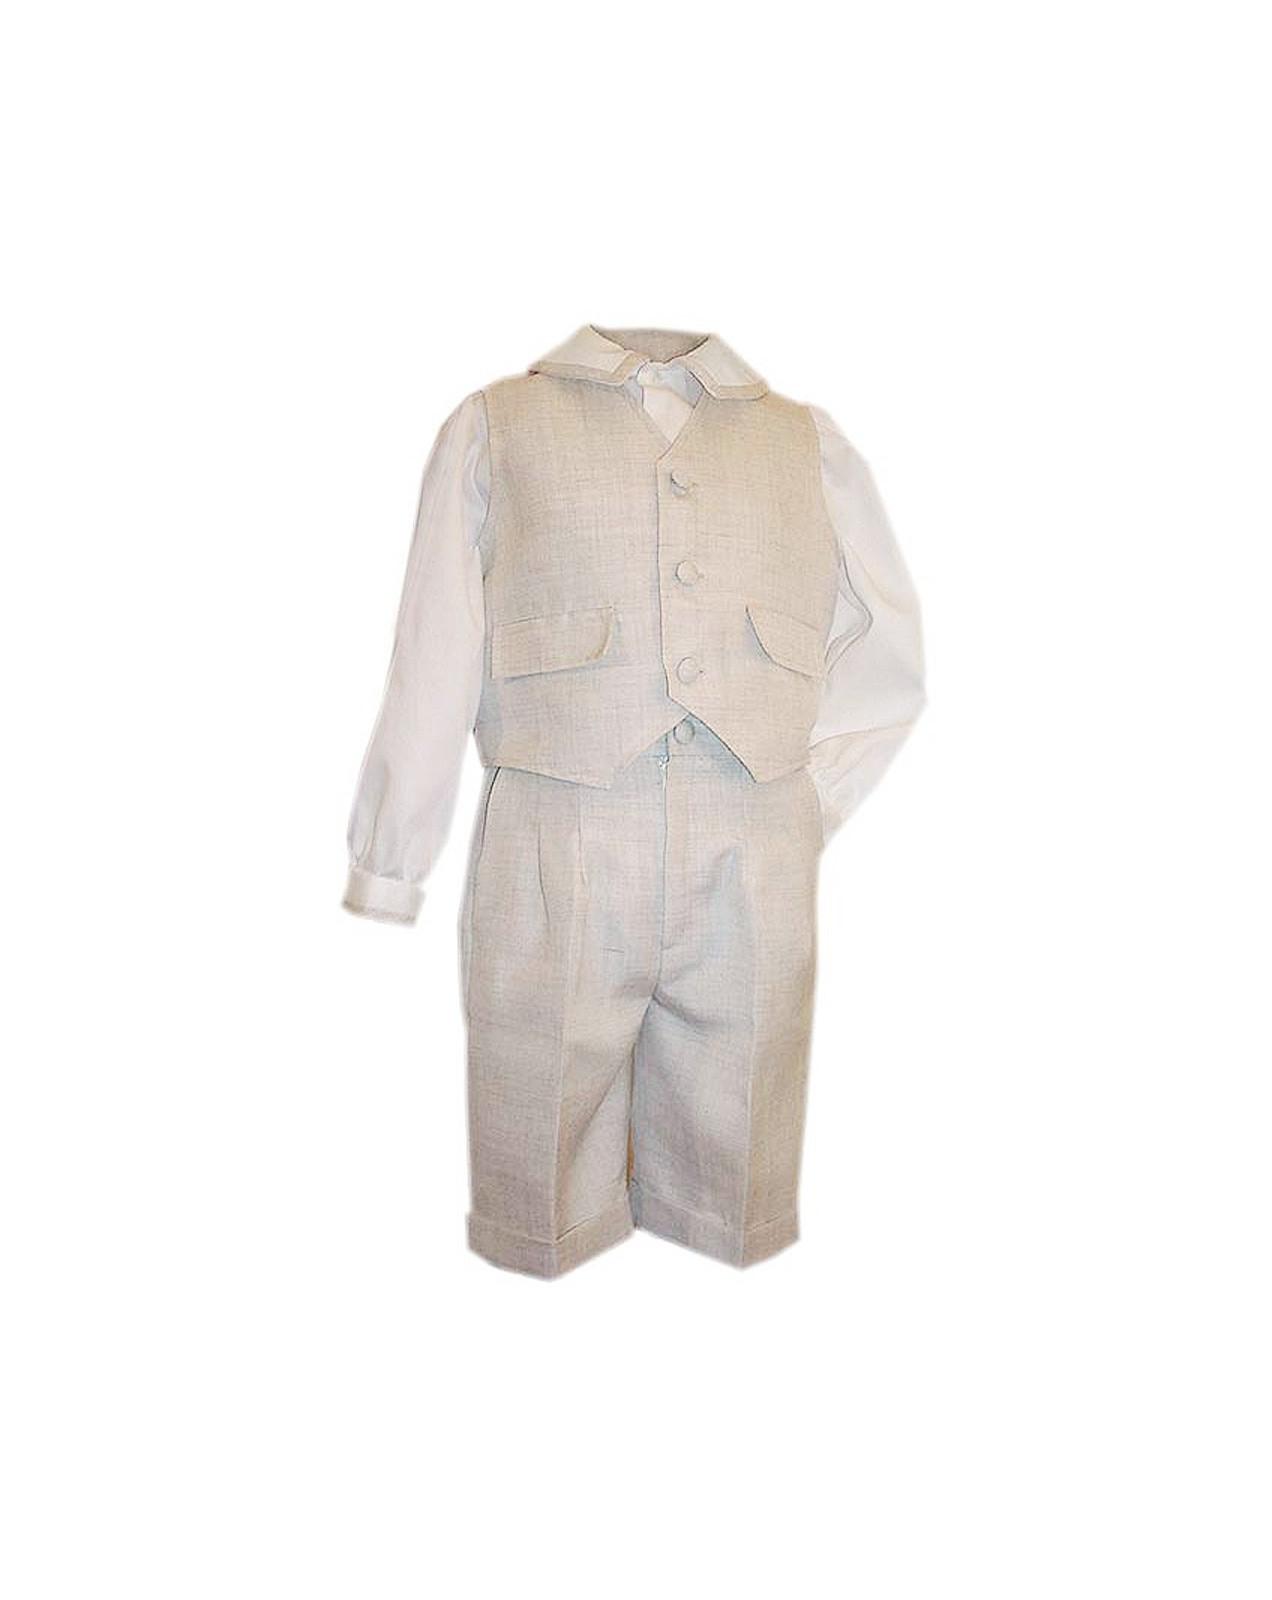 Teo completo elegante per bambino pantalone, camicia e gilet